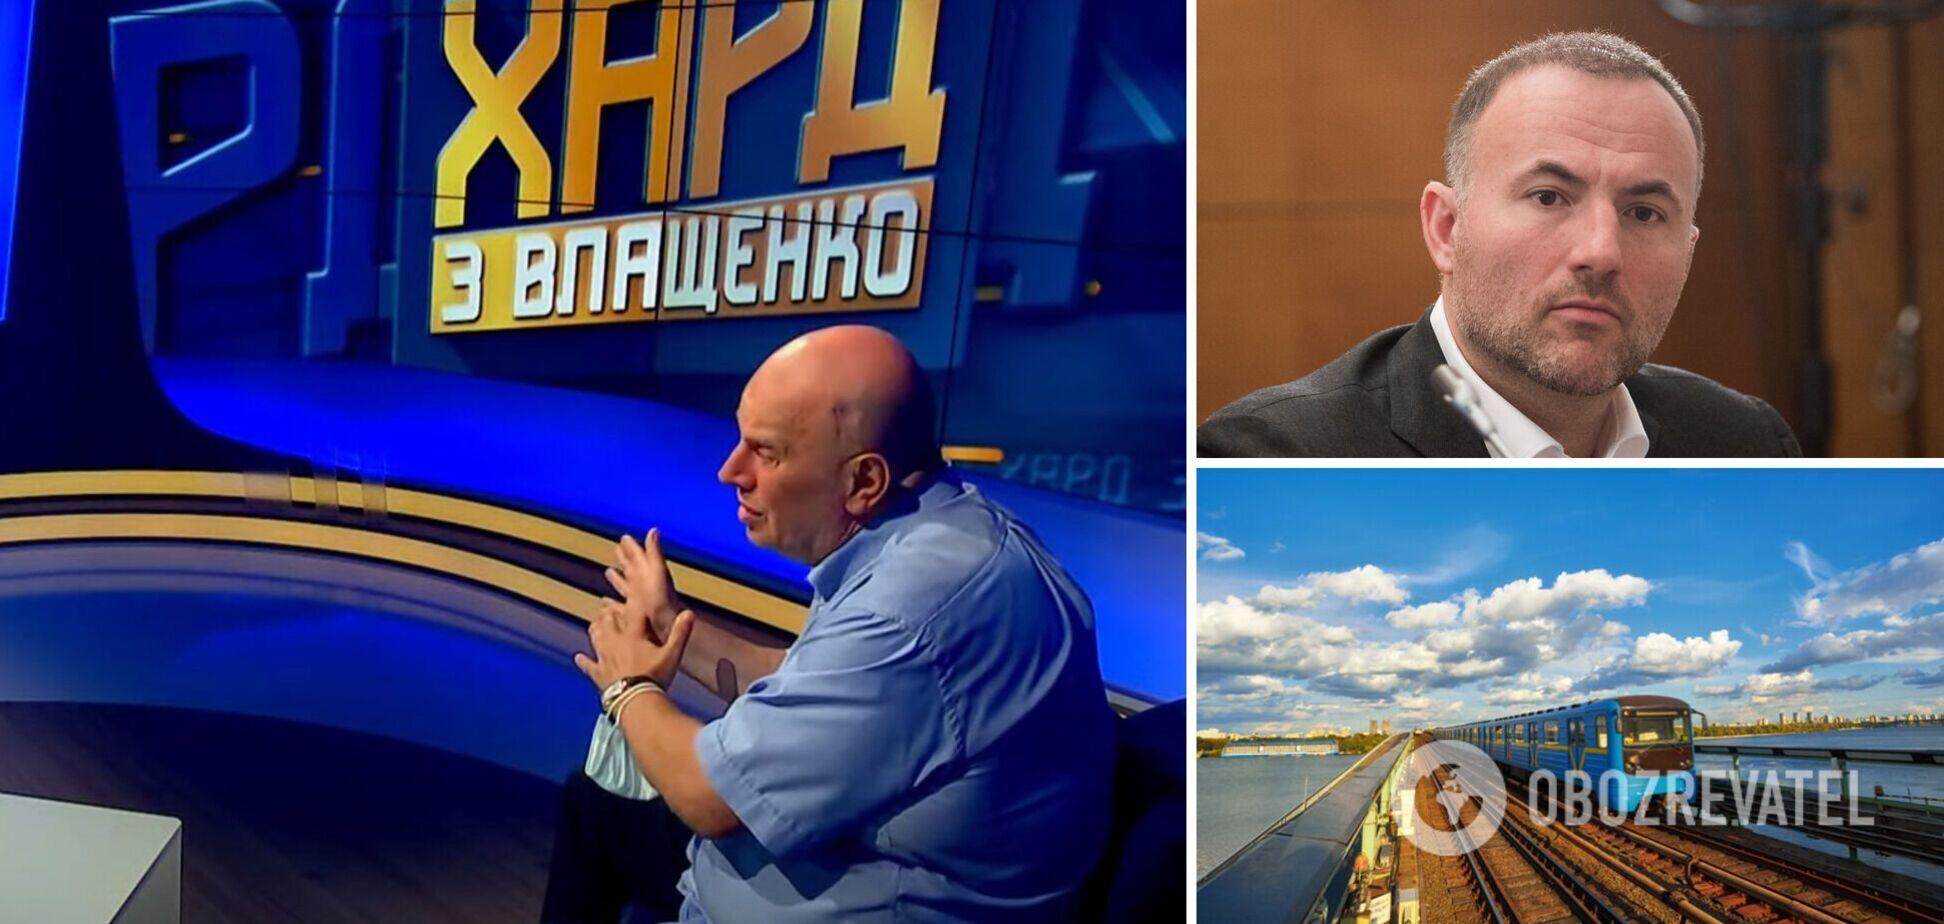 Бродский – о конфликте с российским олигархом: Фукс про себя говорит, что он падальщик